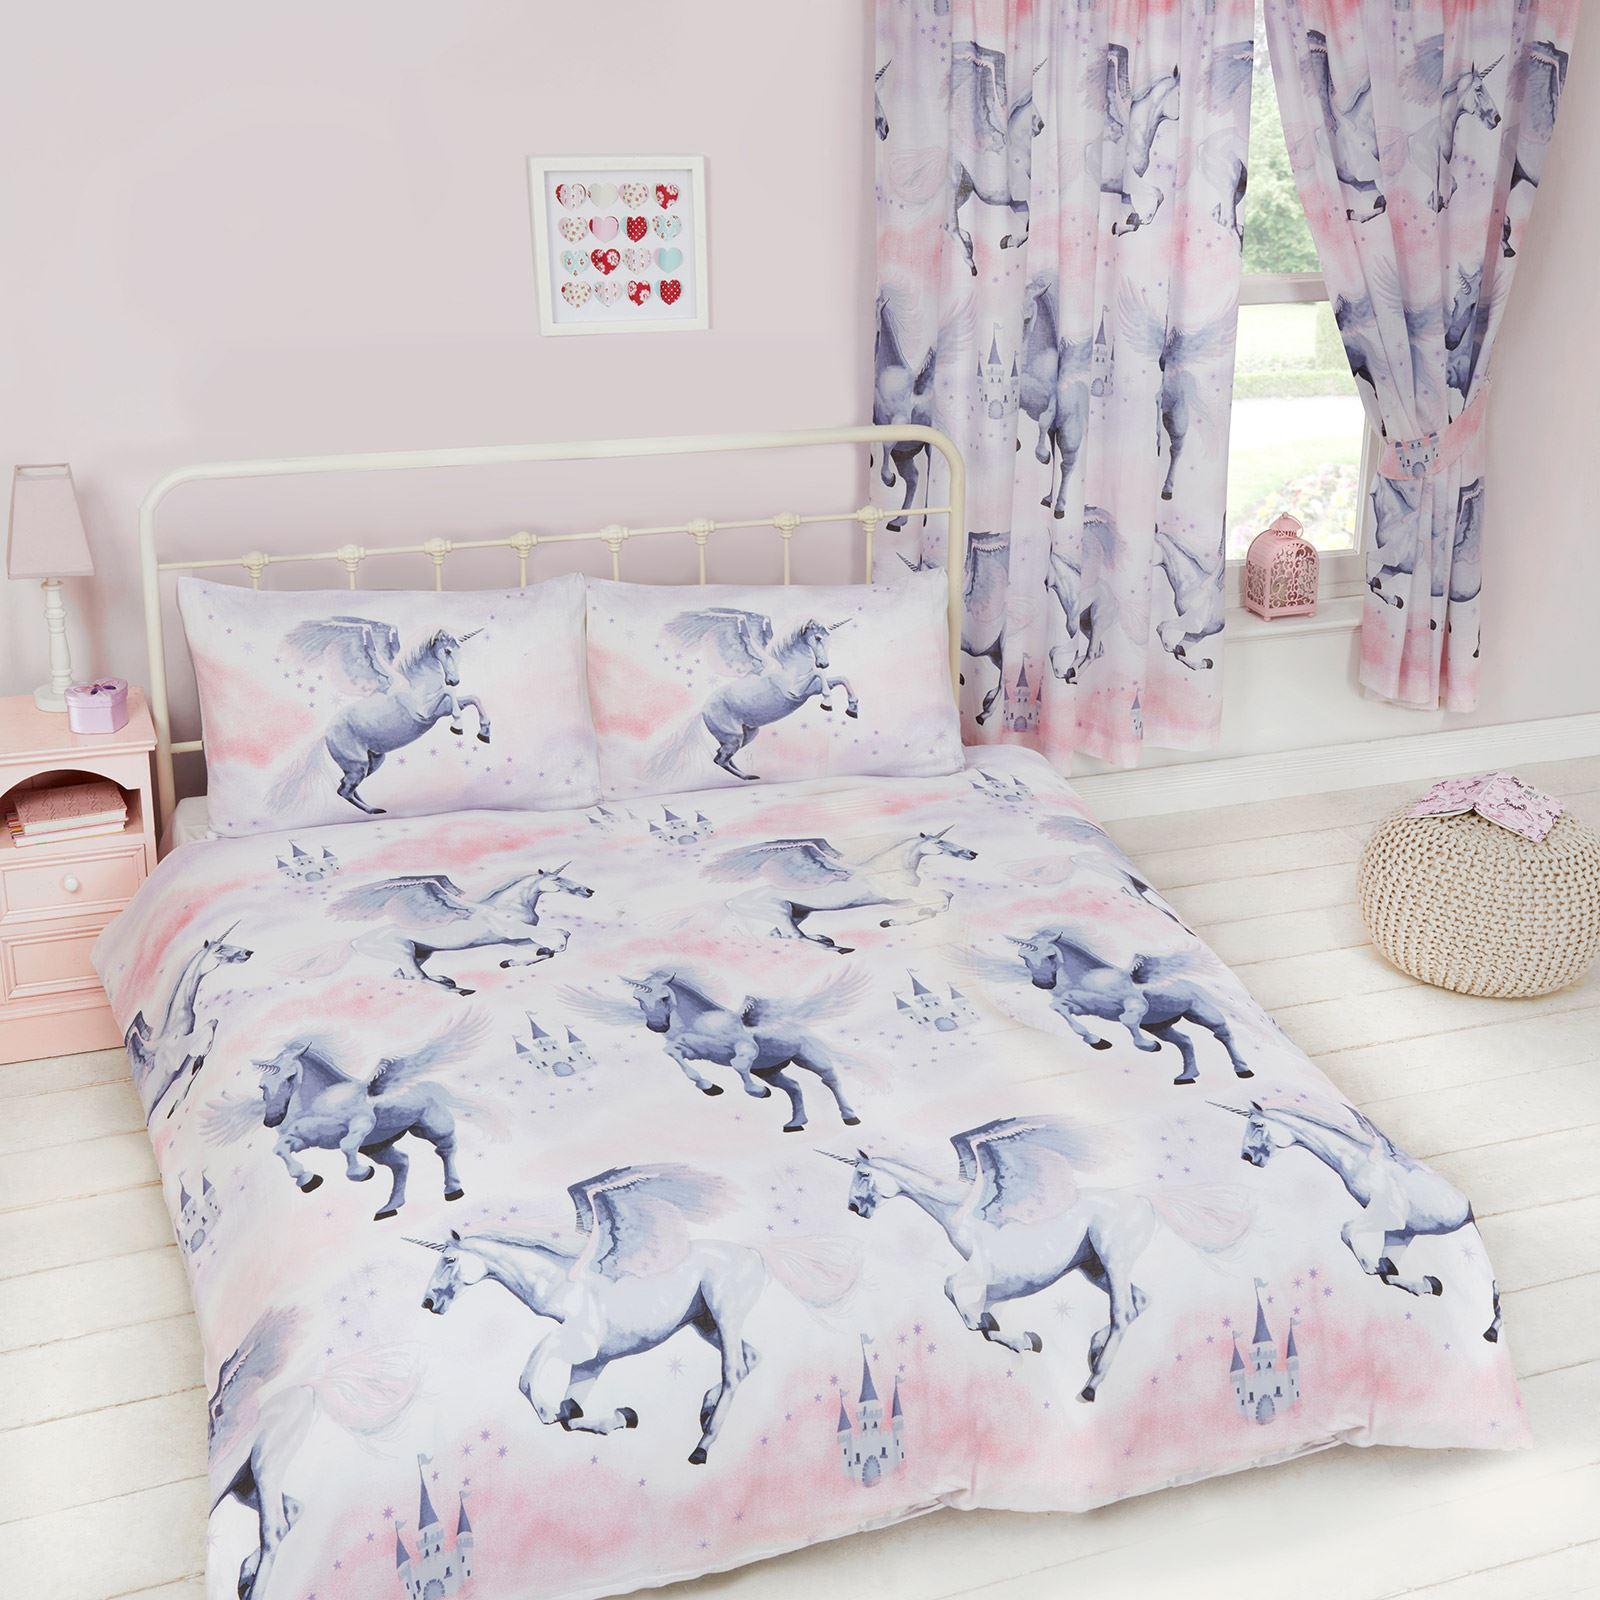 Unicorn Duvet Cover Sets Kids Girls Bedding Junior